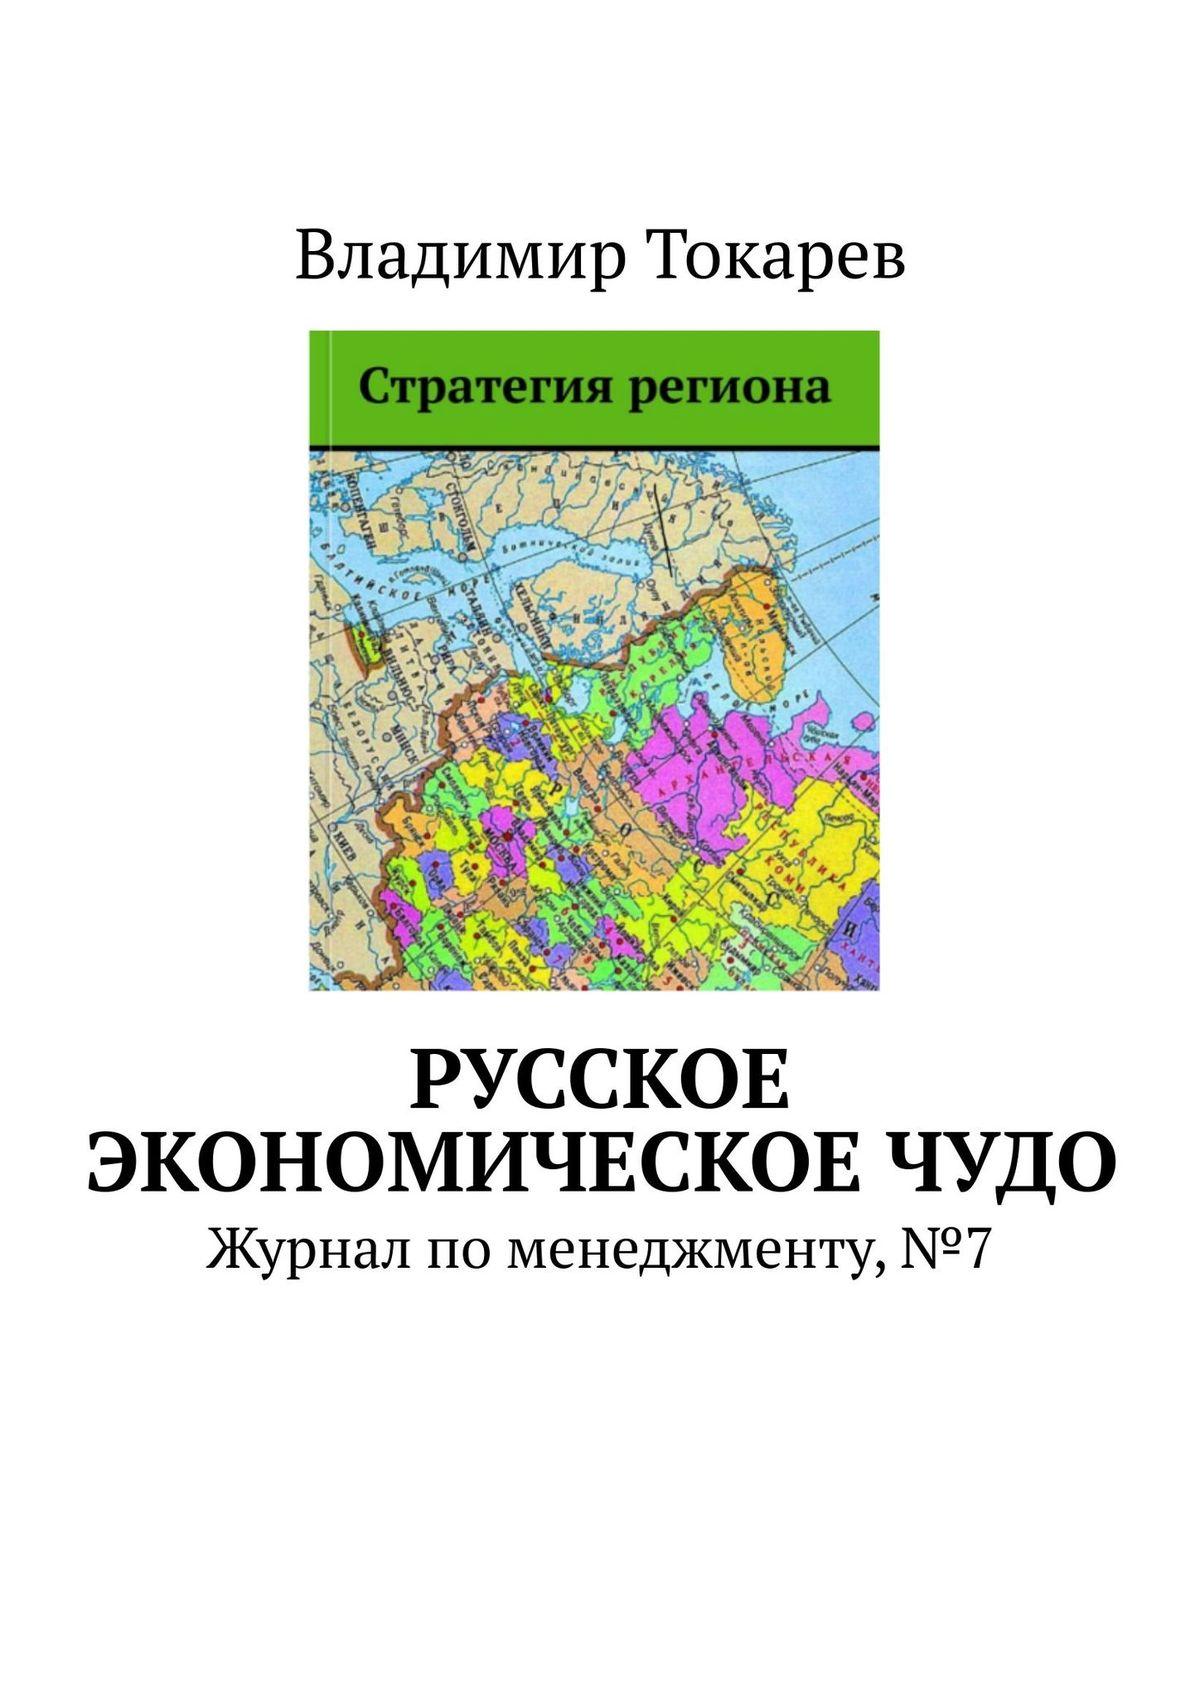 Владимир Токарев Русское экономическоечудо. Журнал по менеджменту, №7 цены